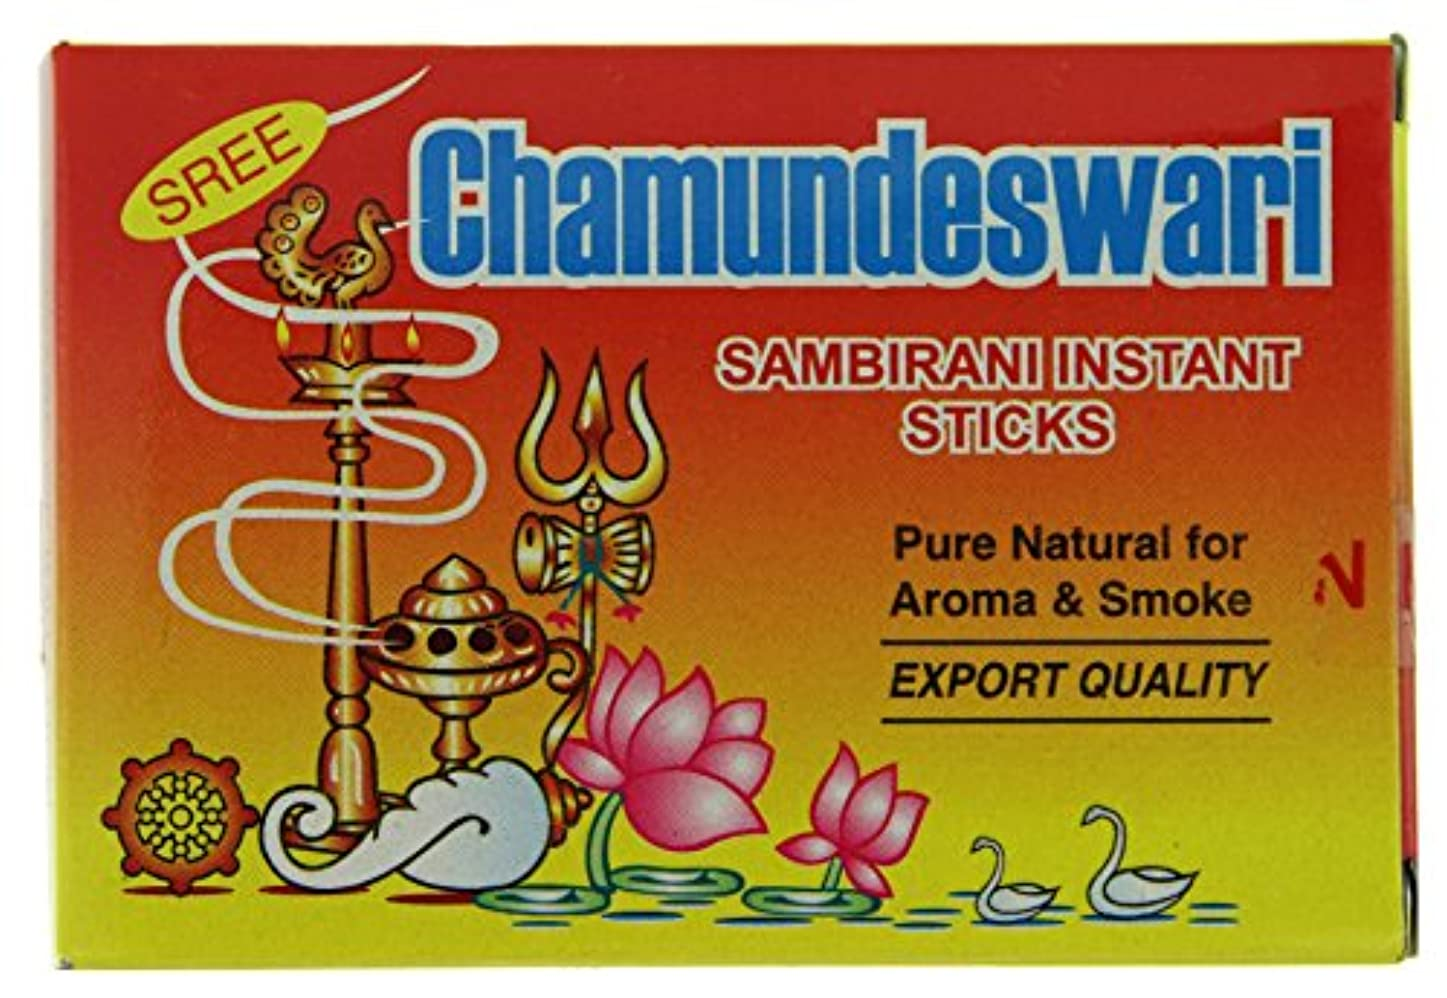 視力有毒抽象Sree Sambrani Instant Sticks – 24 perボックス – 4ボックスのセット販売